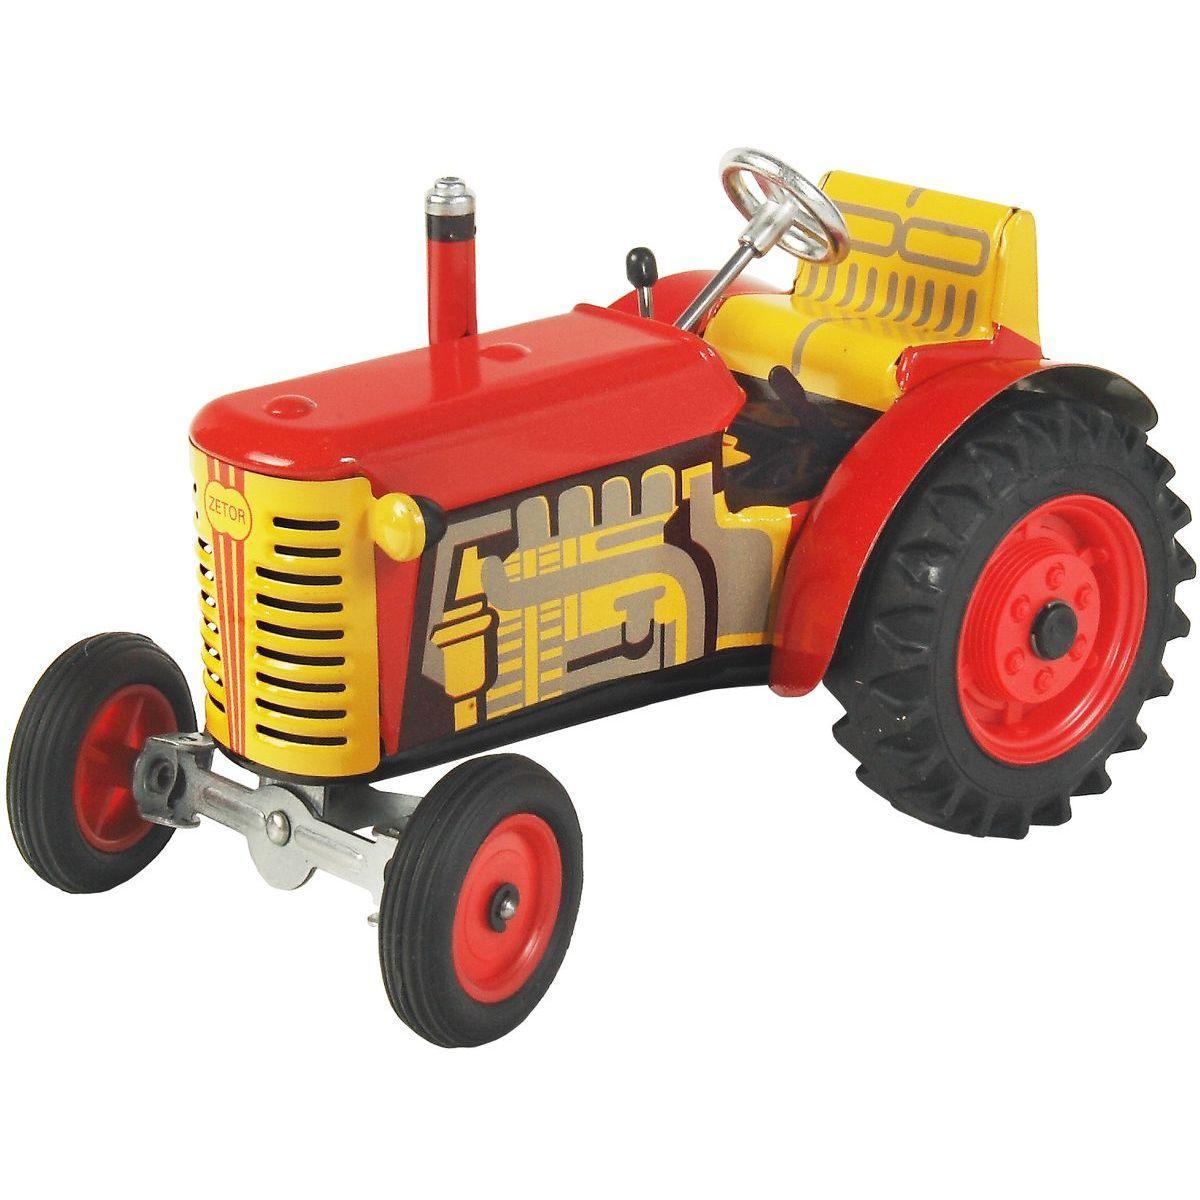 KOVAP Traktor Zetor červený na kľúčik kov 14cm